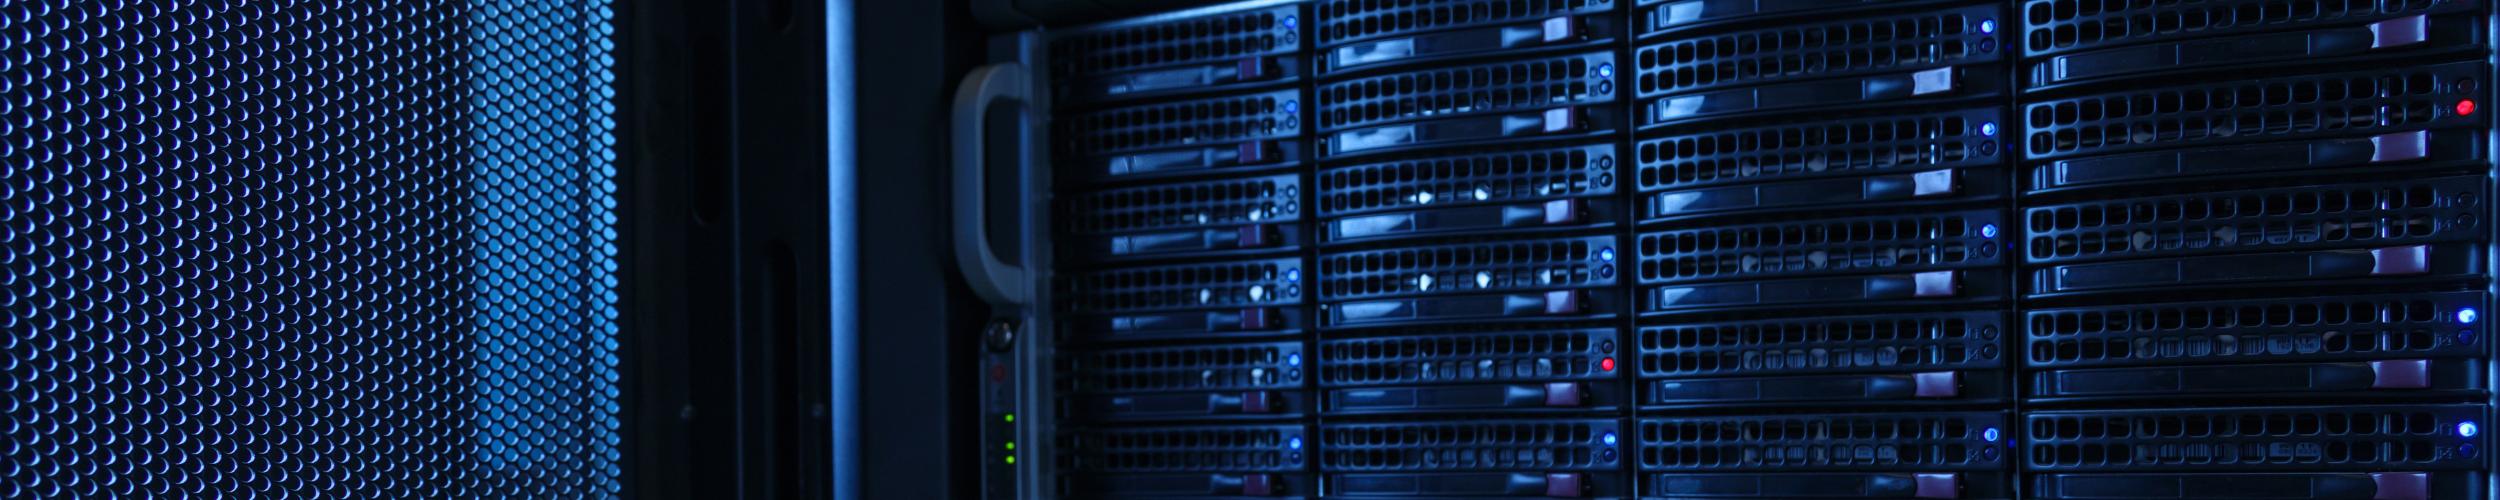 Data Center & Enterprise Equipment Value